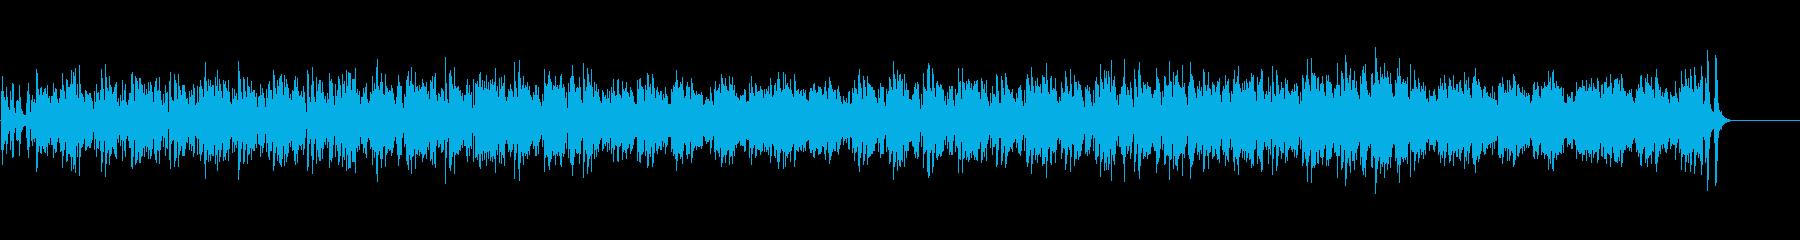 ジプシー風アコースティカルなポップの再生済みの波形